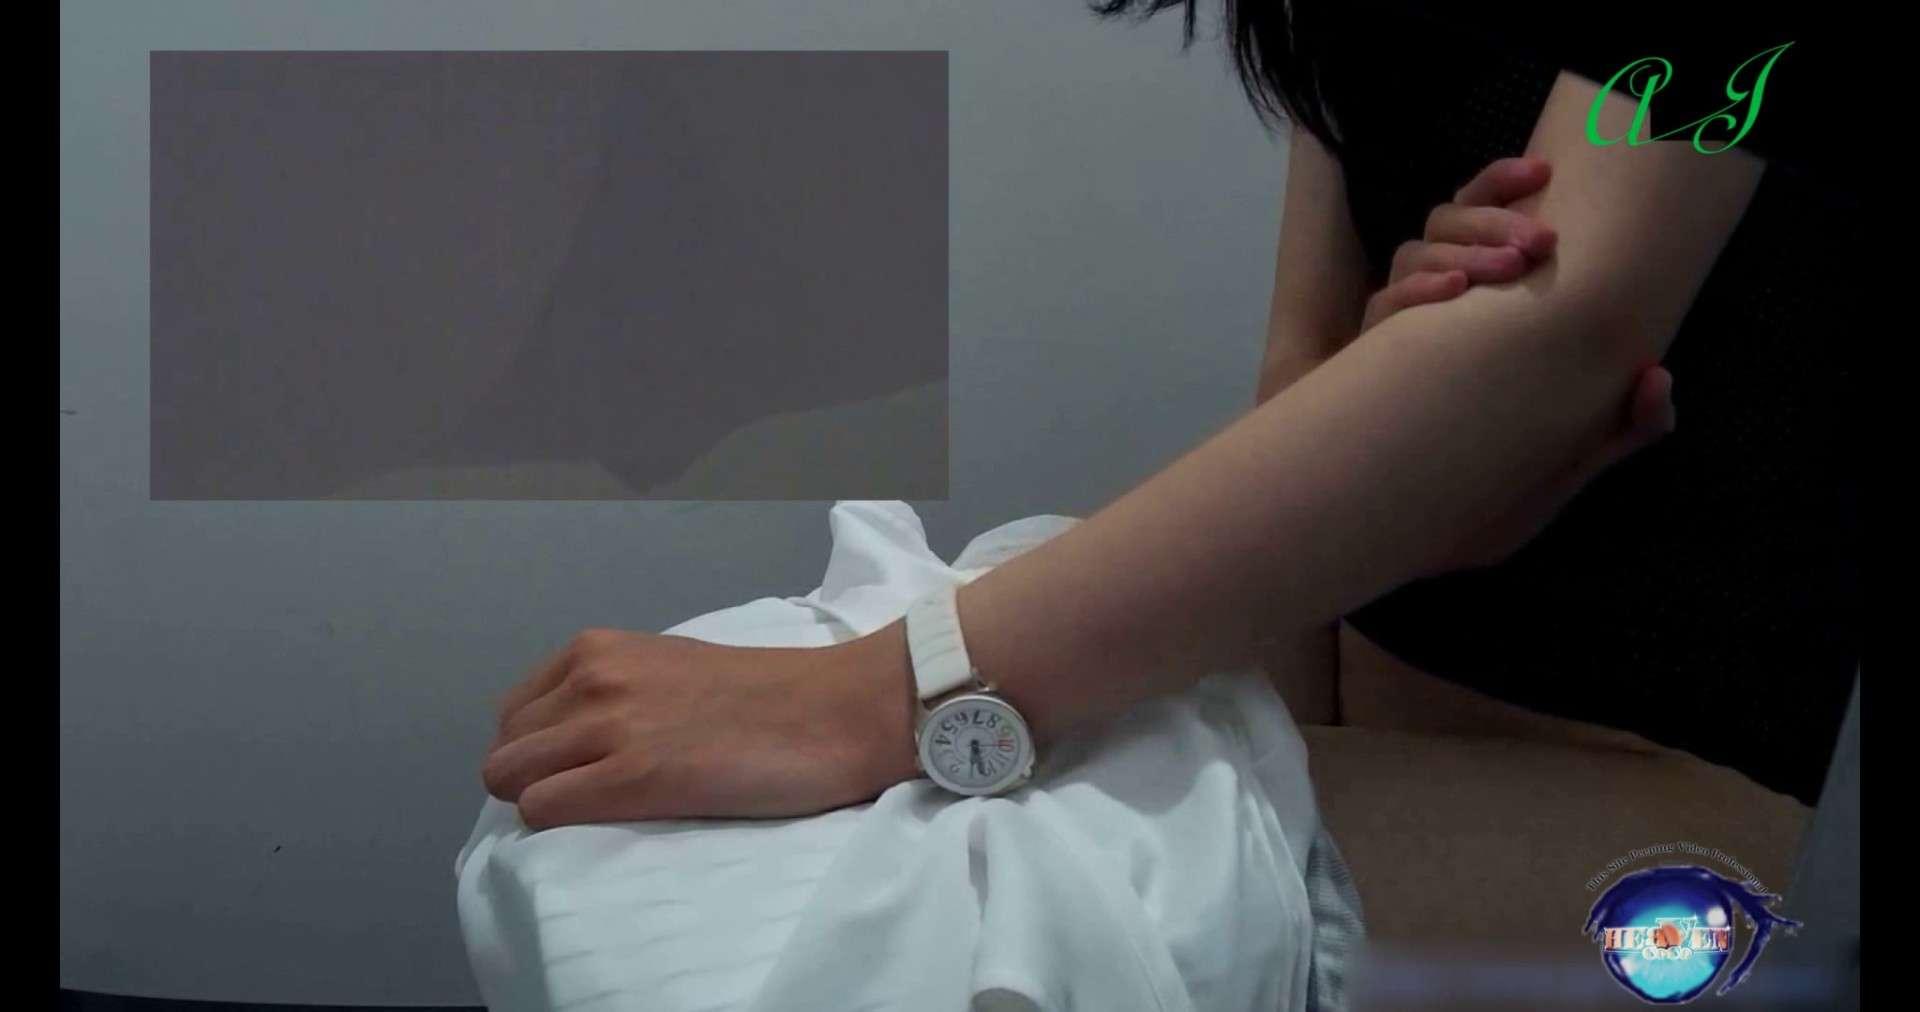 素敵なパンストお姉さん 有名大学女性洗面所 vol.73 OLセックス 隠し撮りAV無料 72画像 50